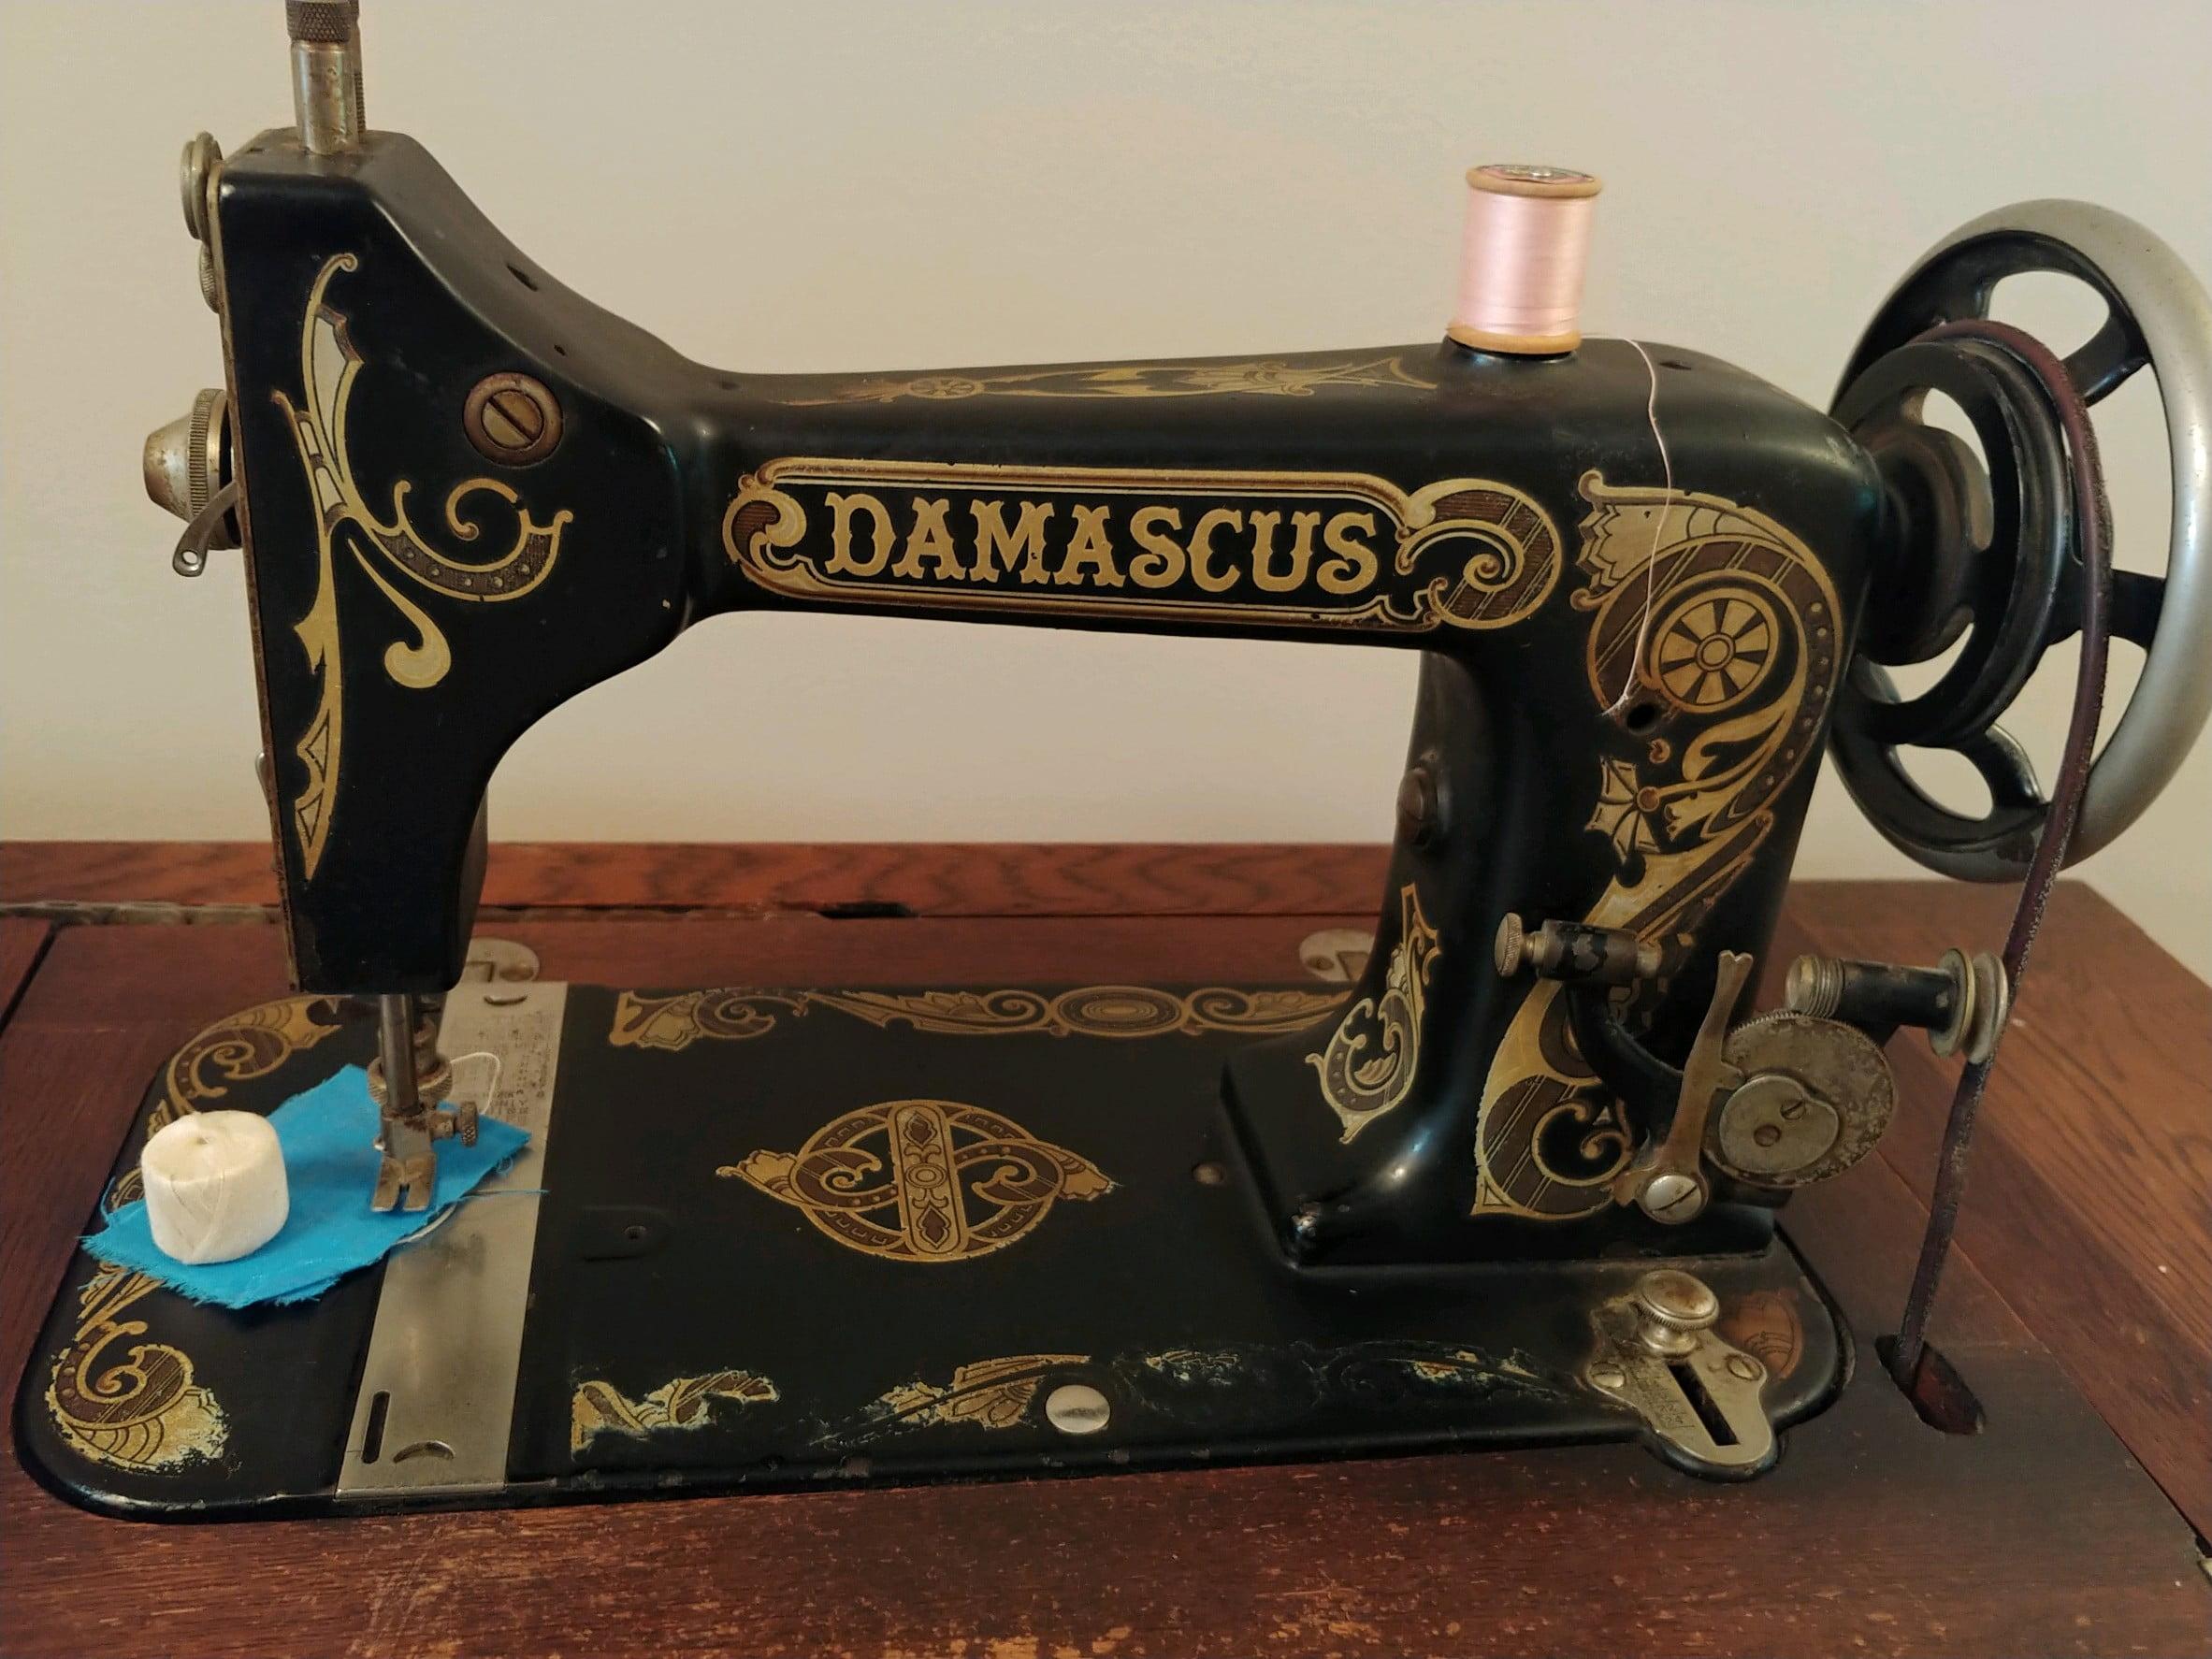 damascus sewing machine